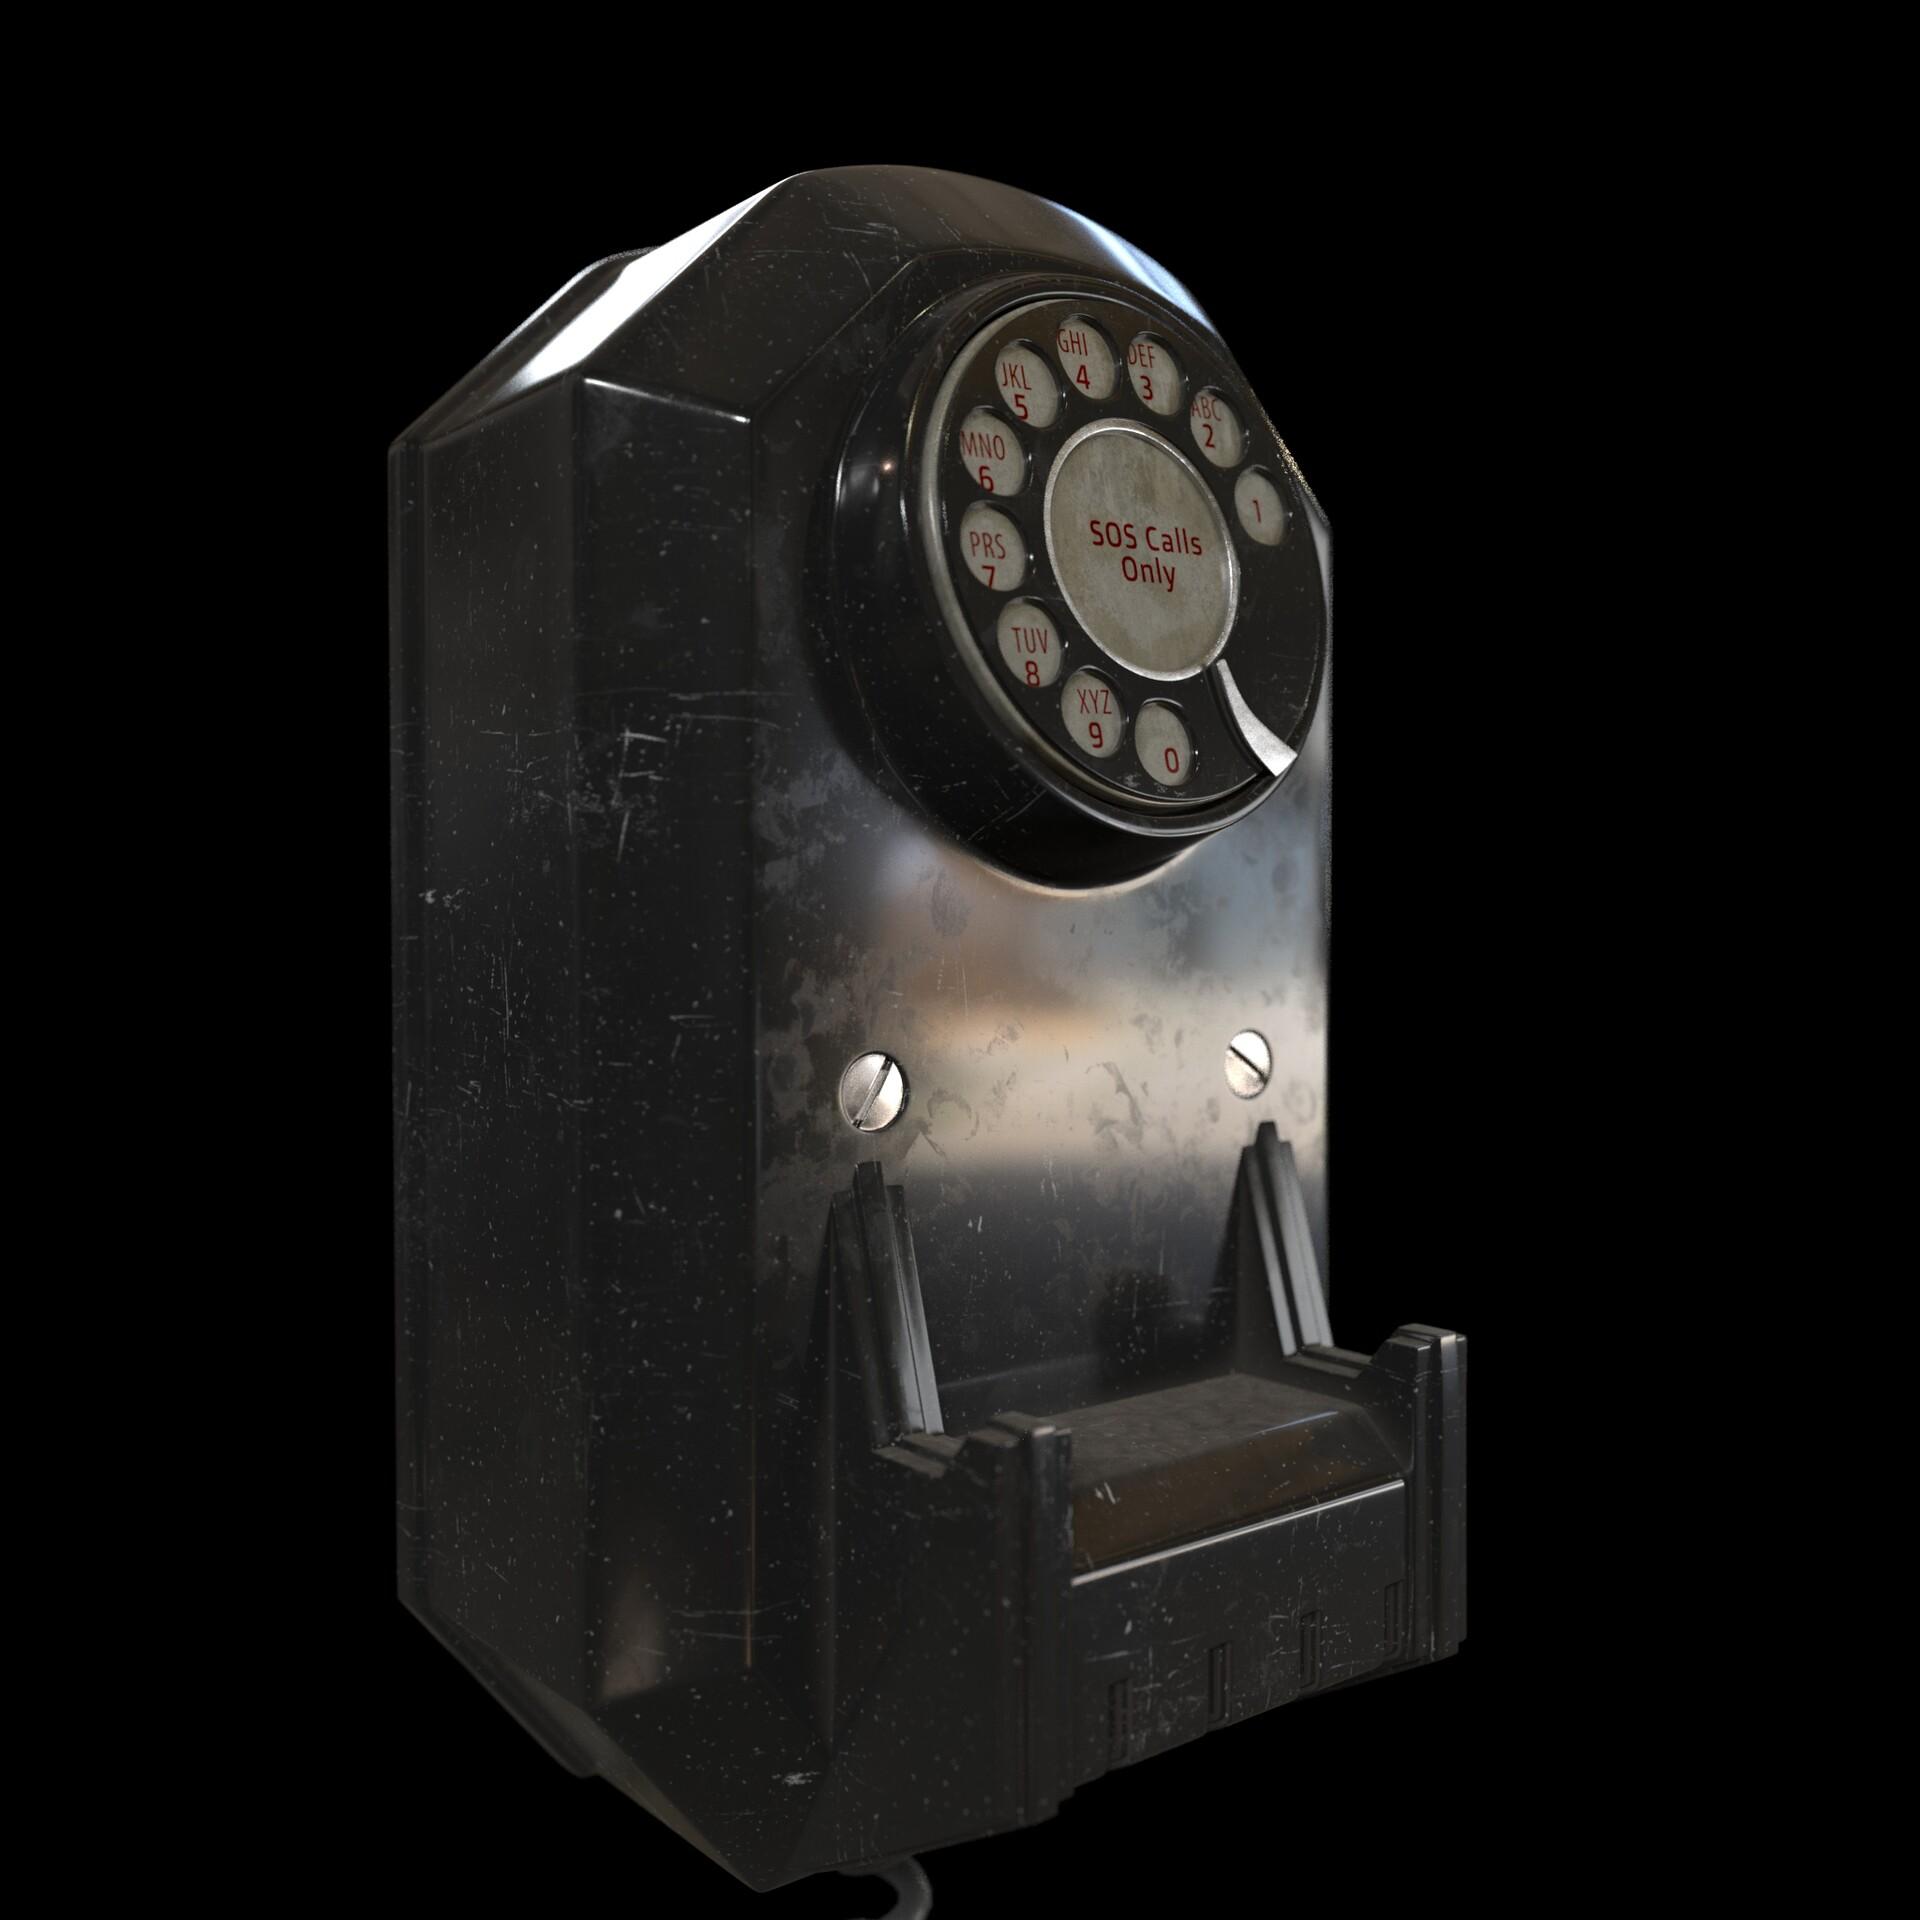 Darko mitev phone02